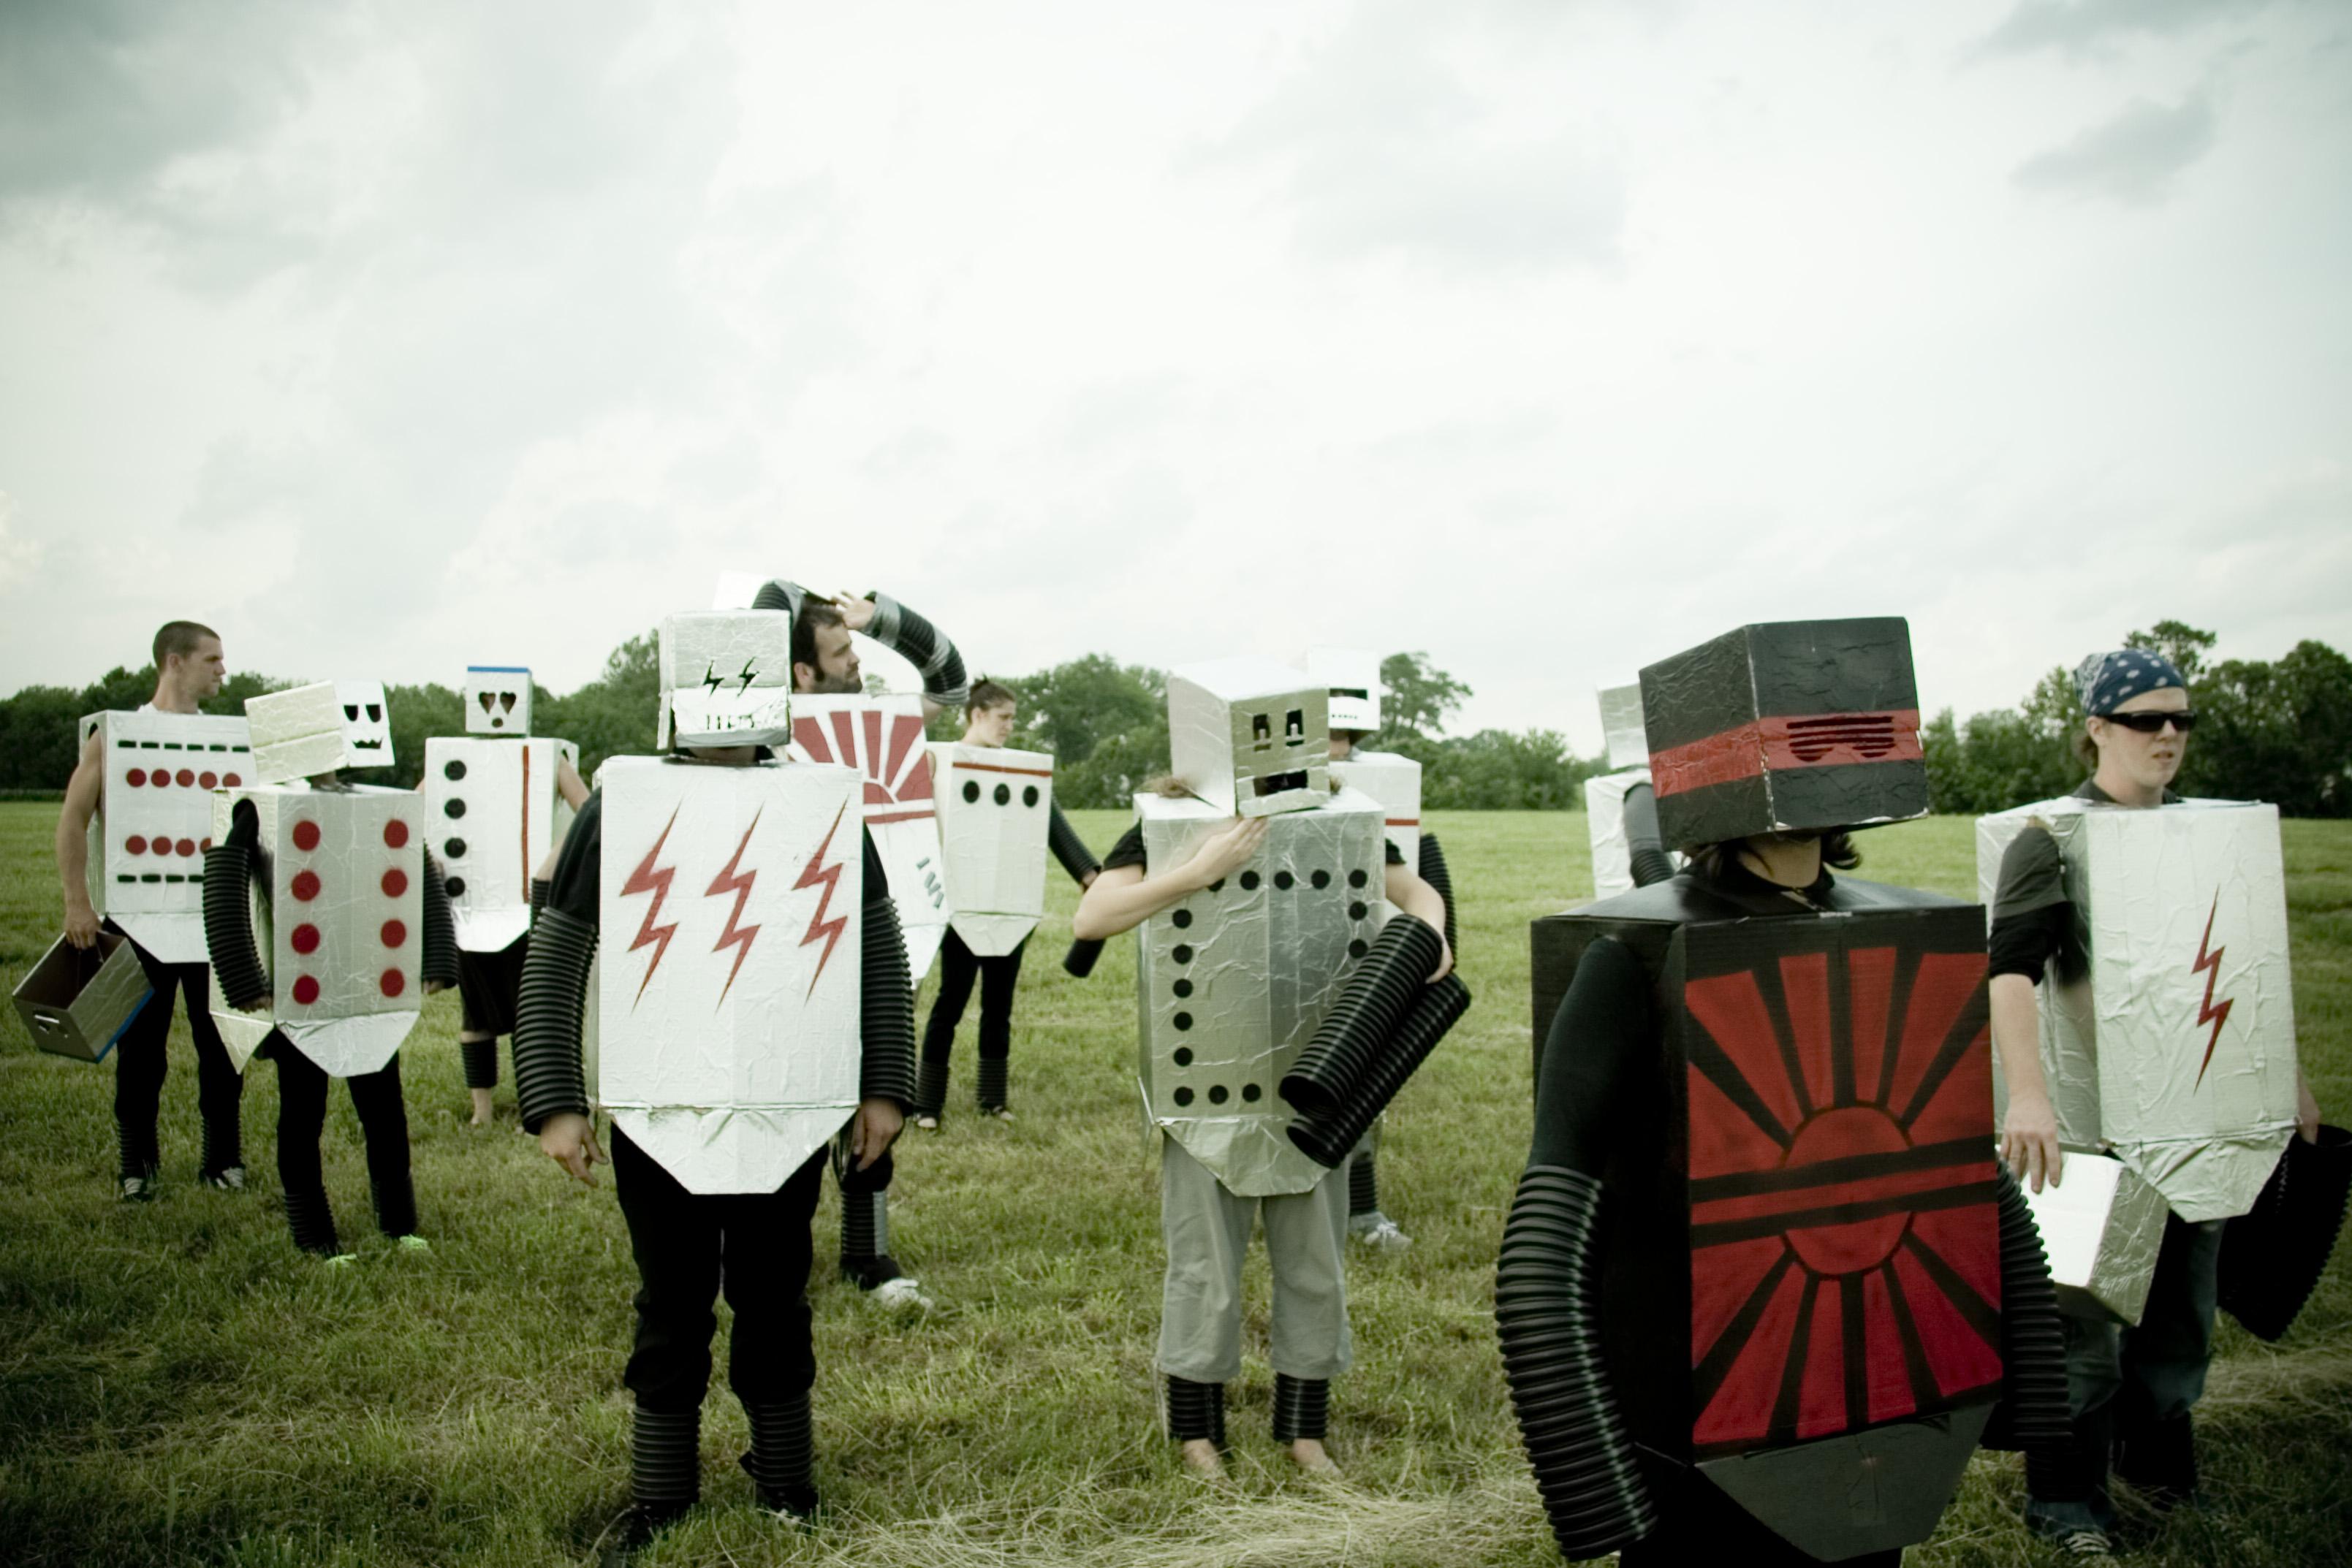 Bei einer klassischen Troll-Armee handelt es sich um echte Personen, die gesteuert oder koordiniert agieren. (Symbolbild) Foto: CC-BY-NC-ND 2.0 camerondaigle